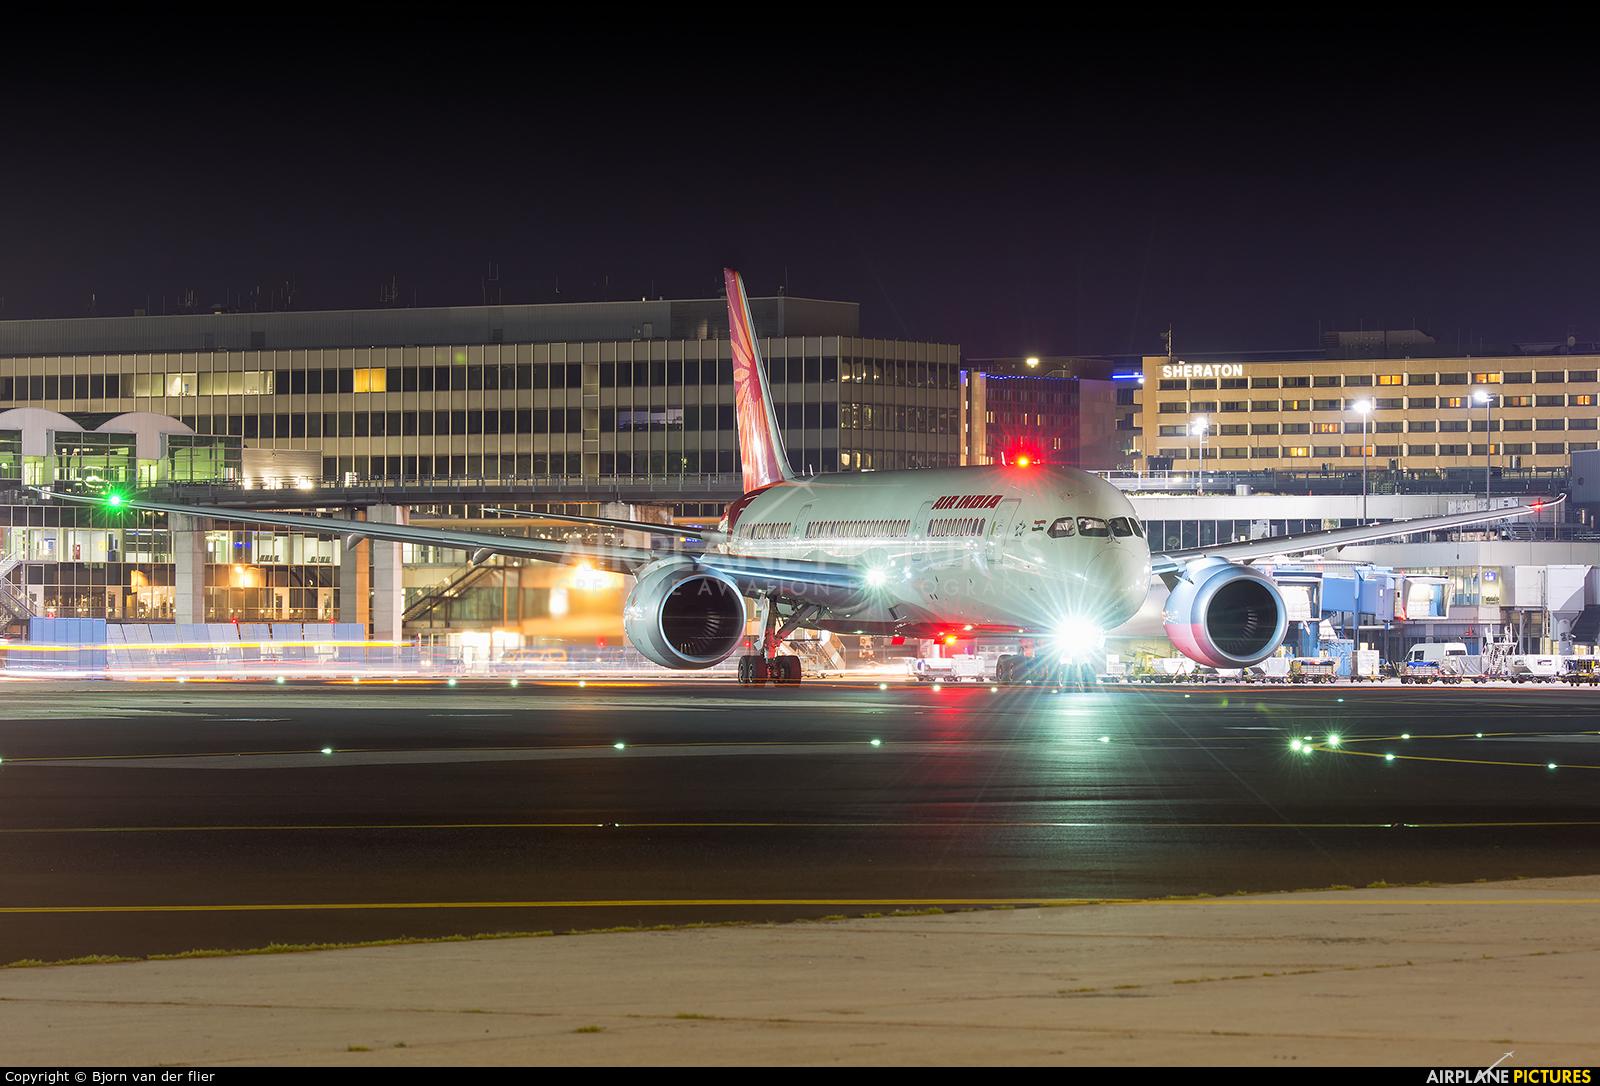 Air India VT-ANC aircraft at Frankfurt